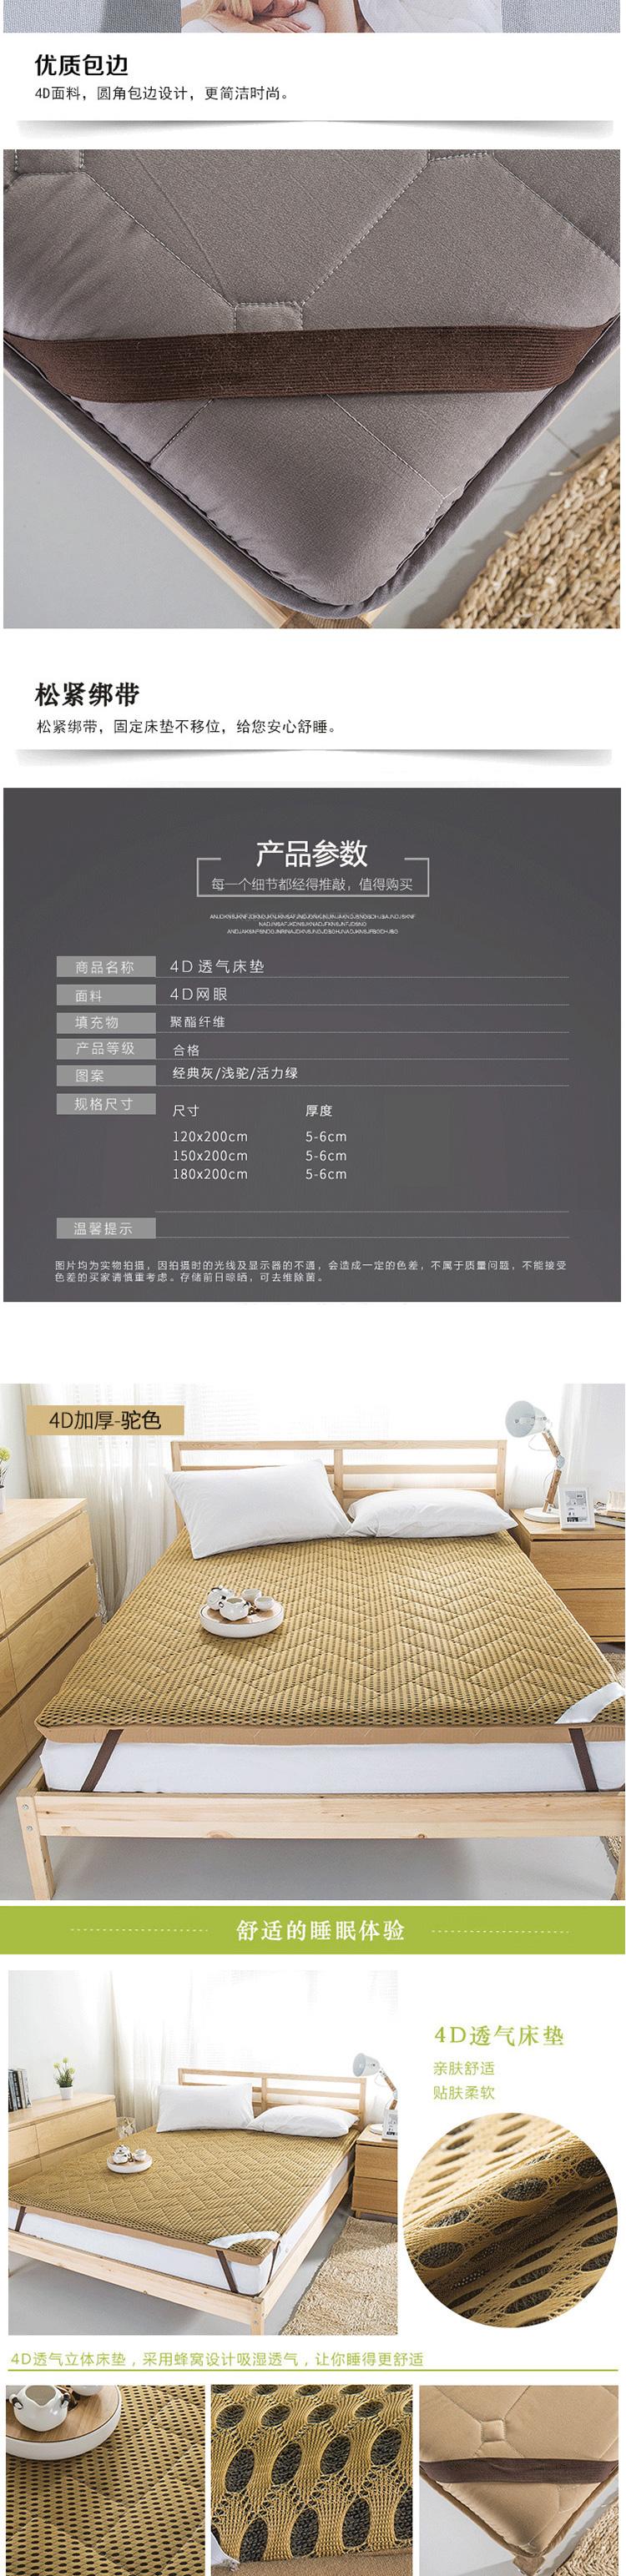 榻榻米单加厚床垫品牌排行榜   十大品牌   京东